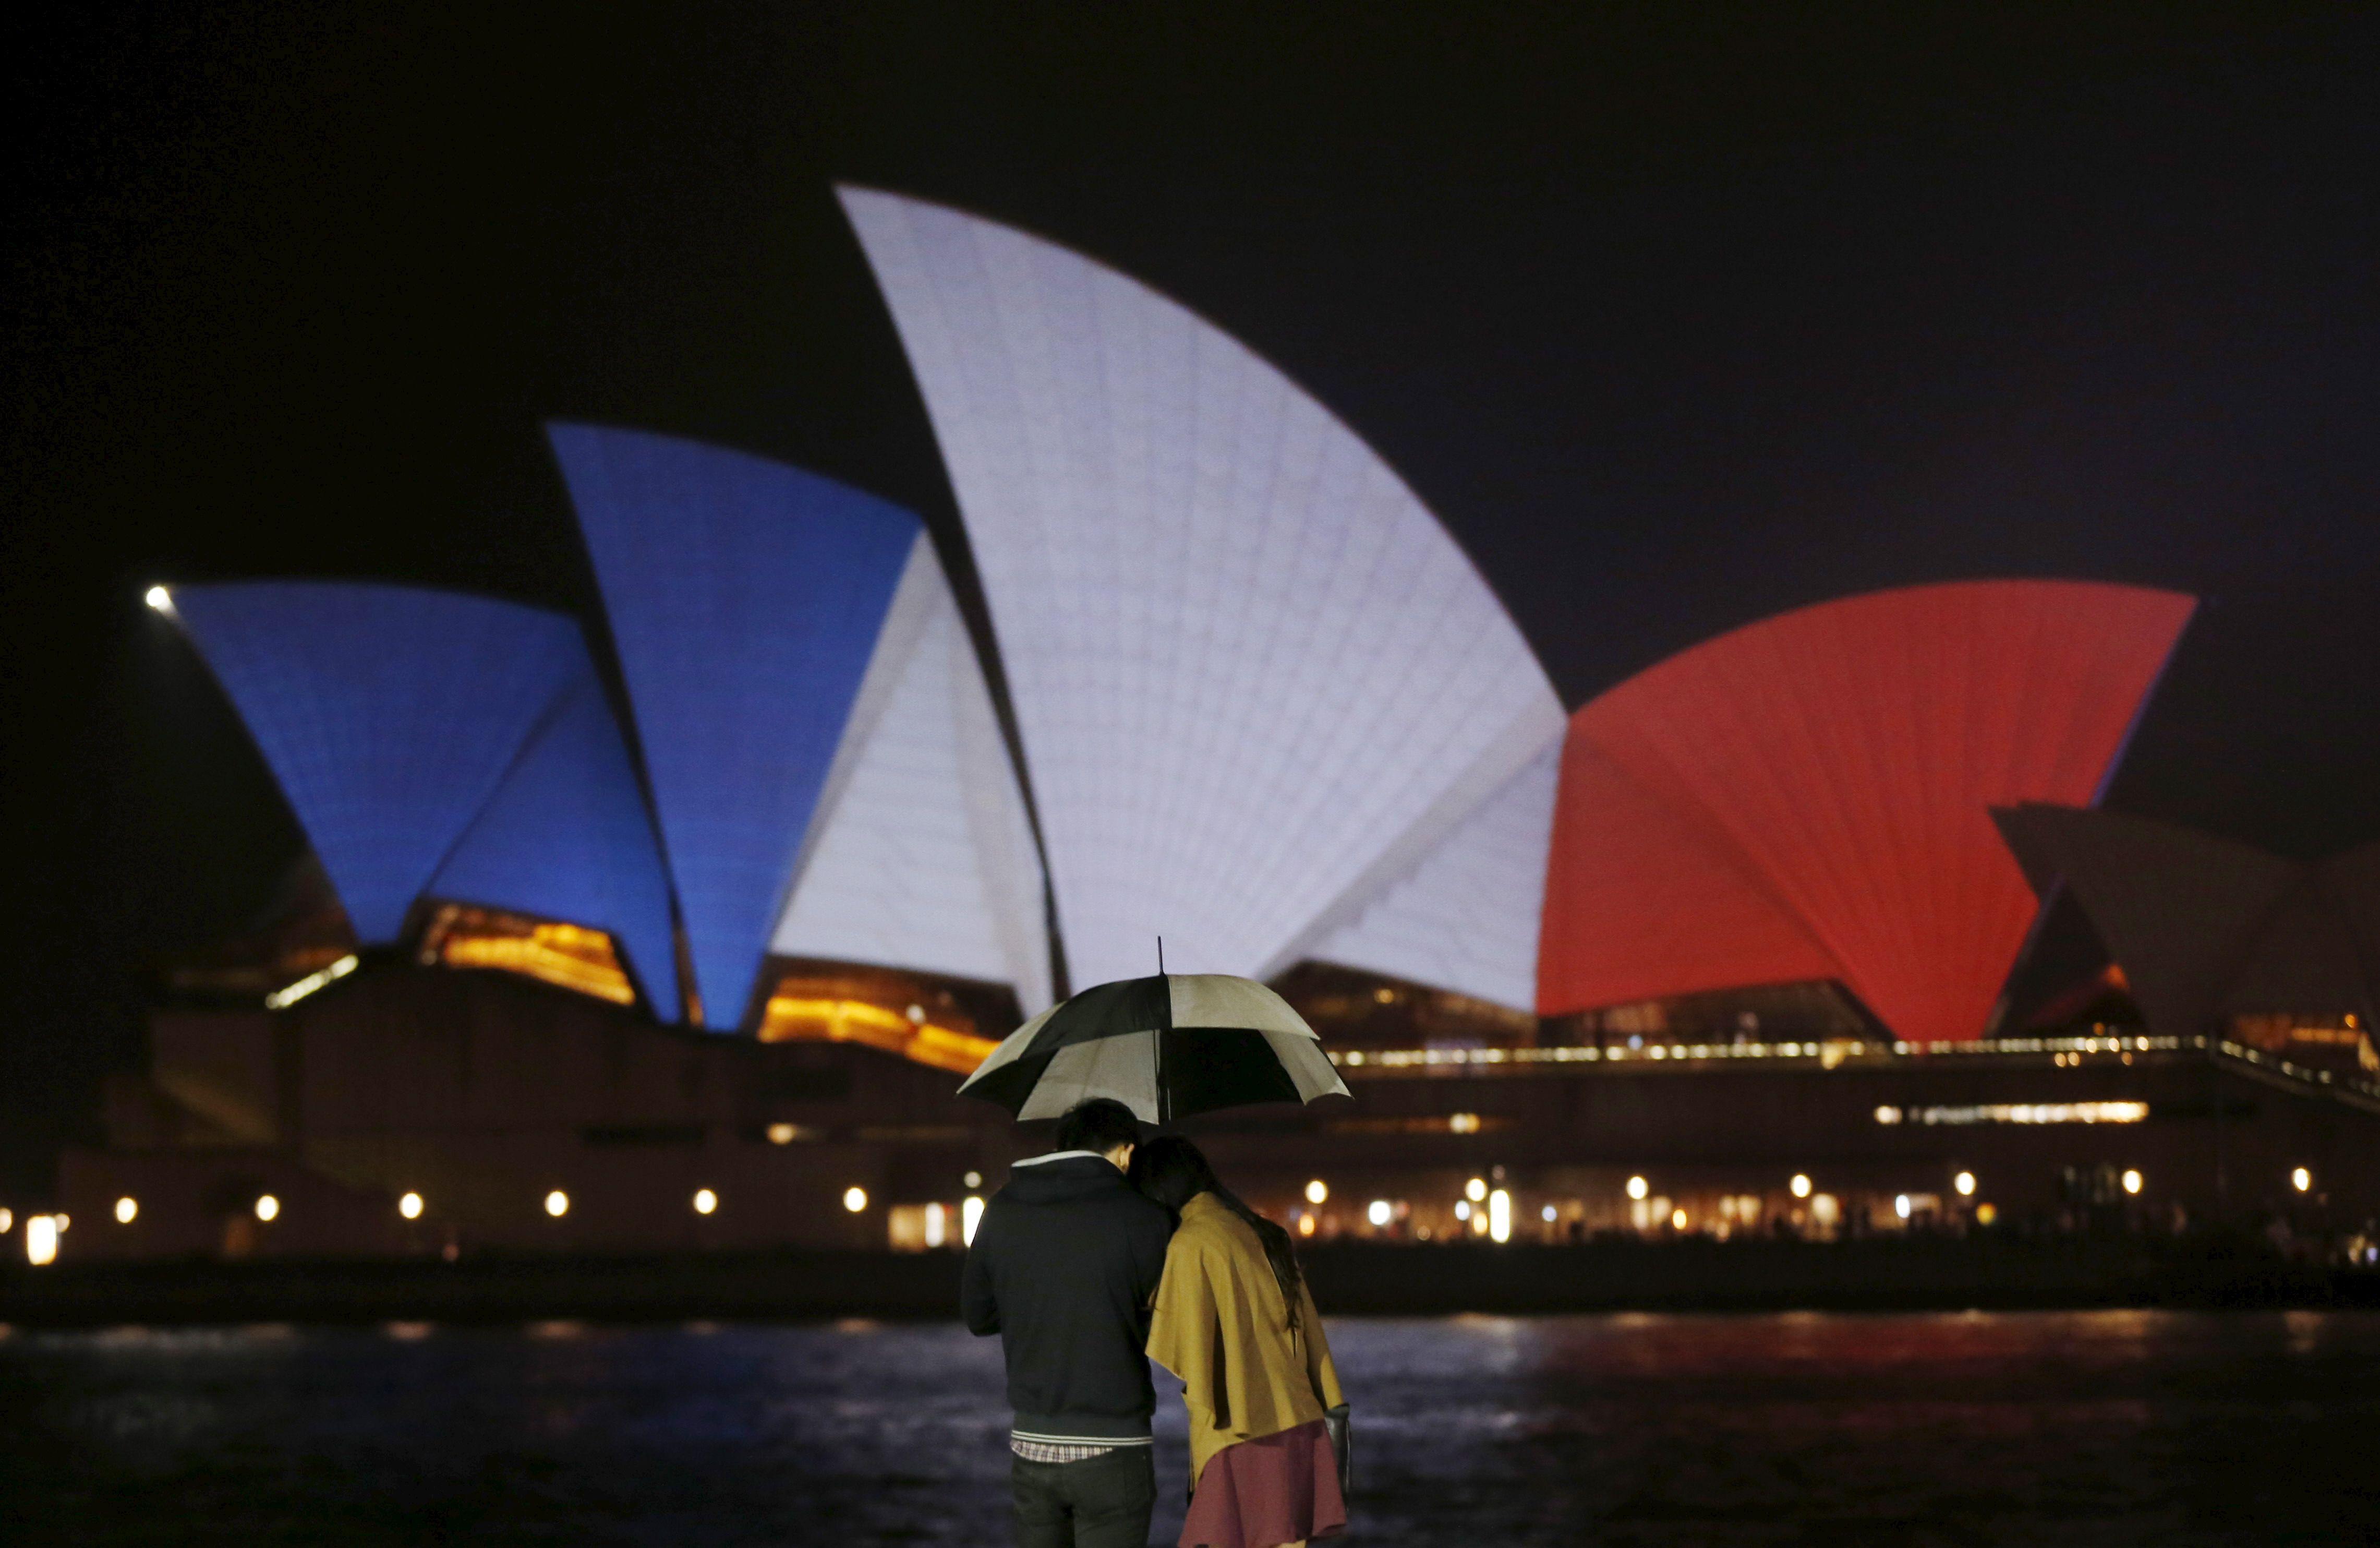 L'opéra de Sydney, aux couleurs de la France.